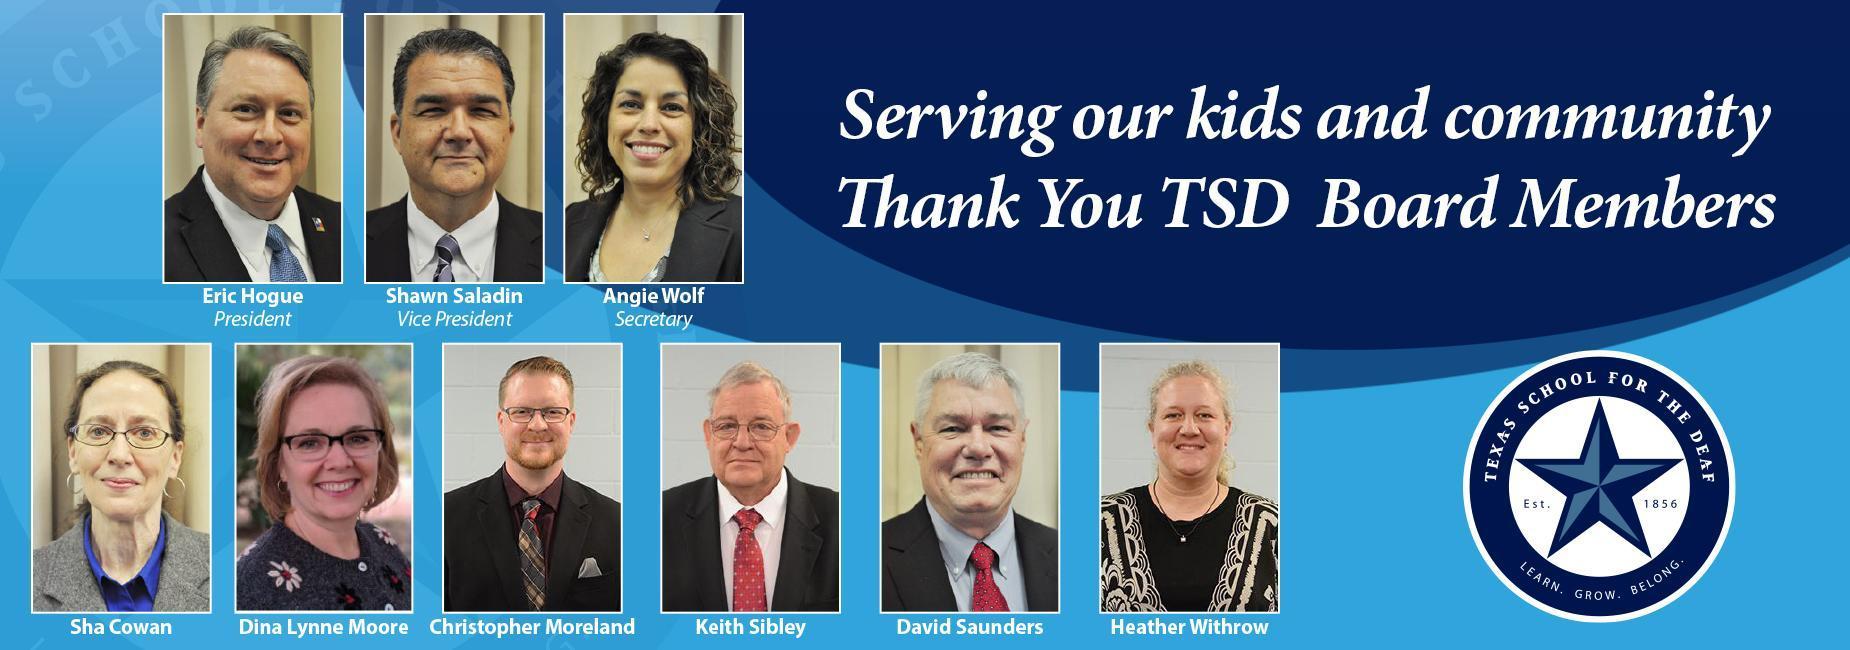 TSD Board